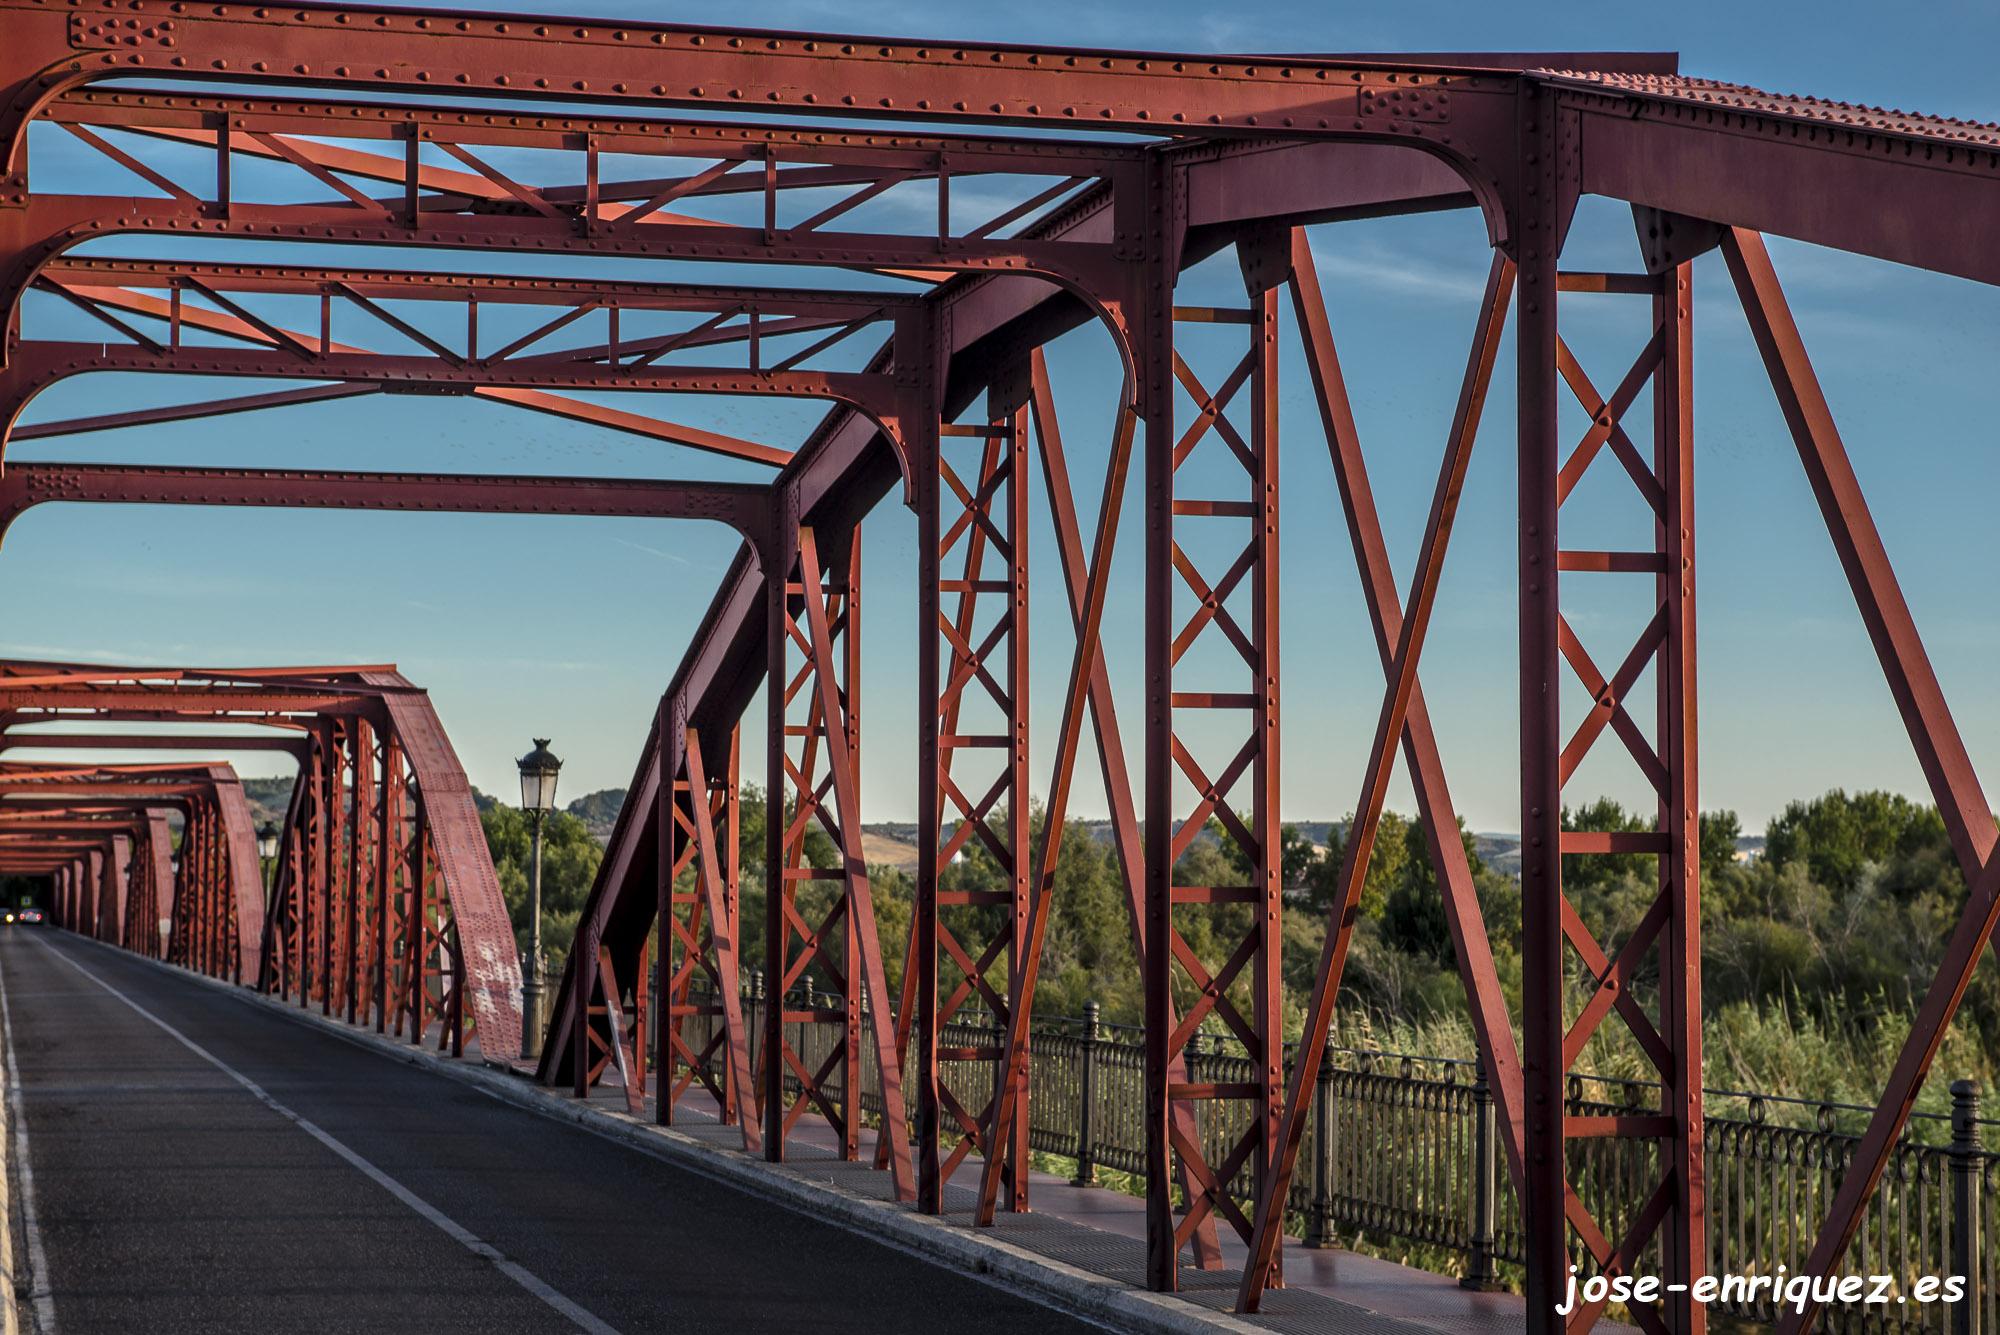 04-007 03 Fuga. Puente de la Reina Sofía, Talavera de la Reina.